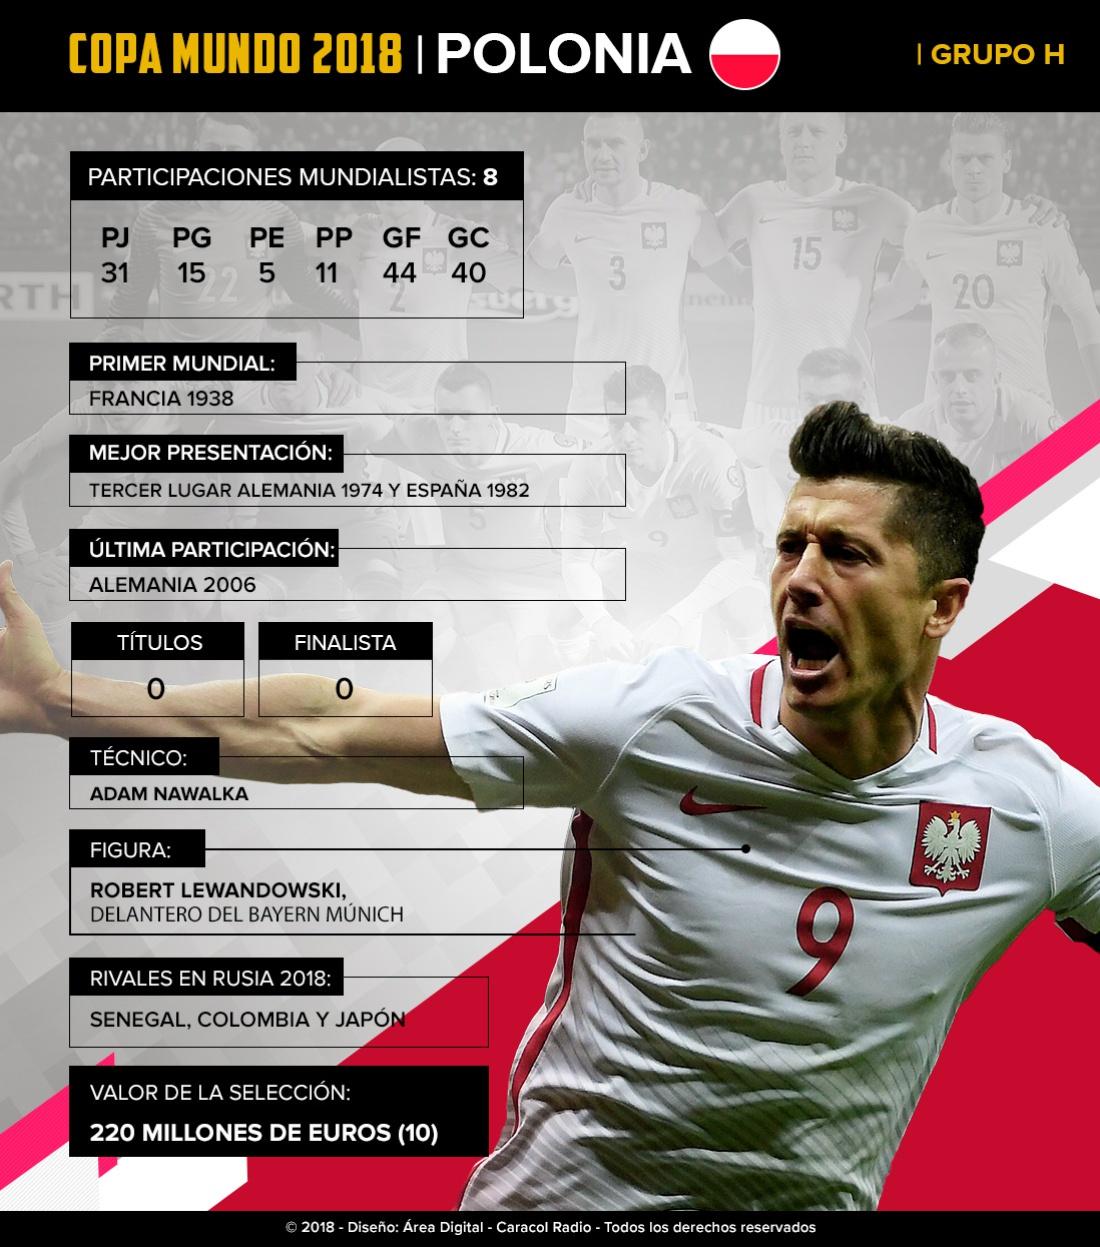 Mundial 2018: Polonia: Con Lewandowski, esperan llegar lejos en territorio ruso